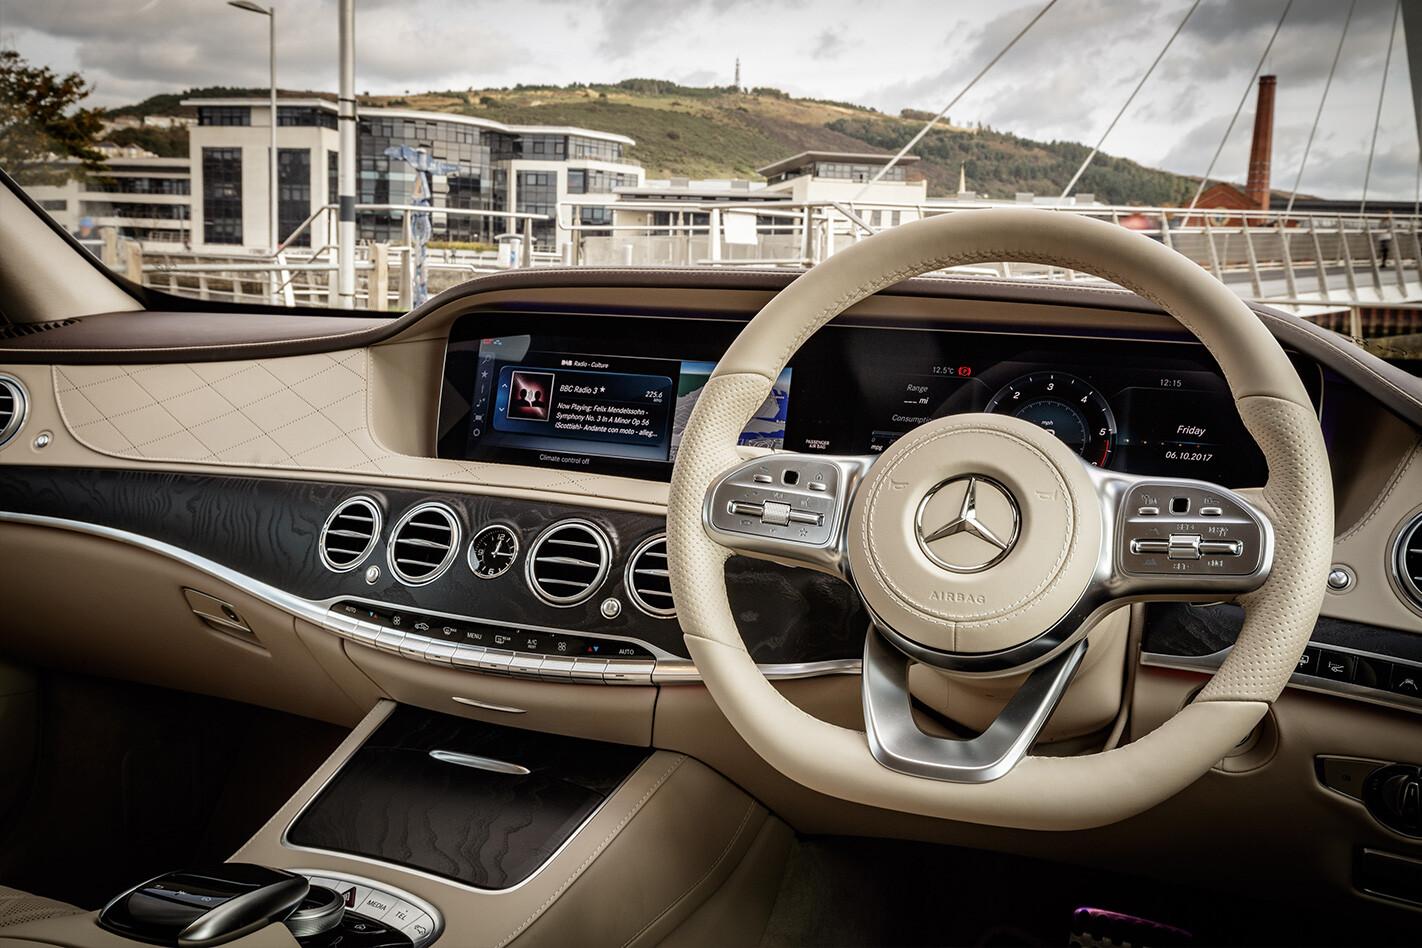 Mercedes Interior Dashboard Jpg